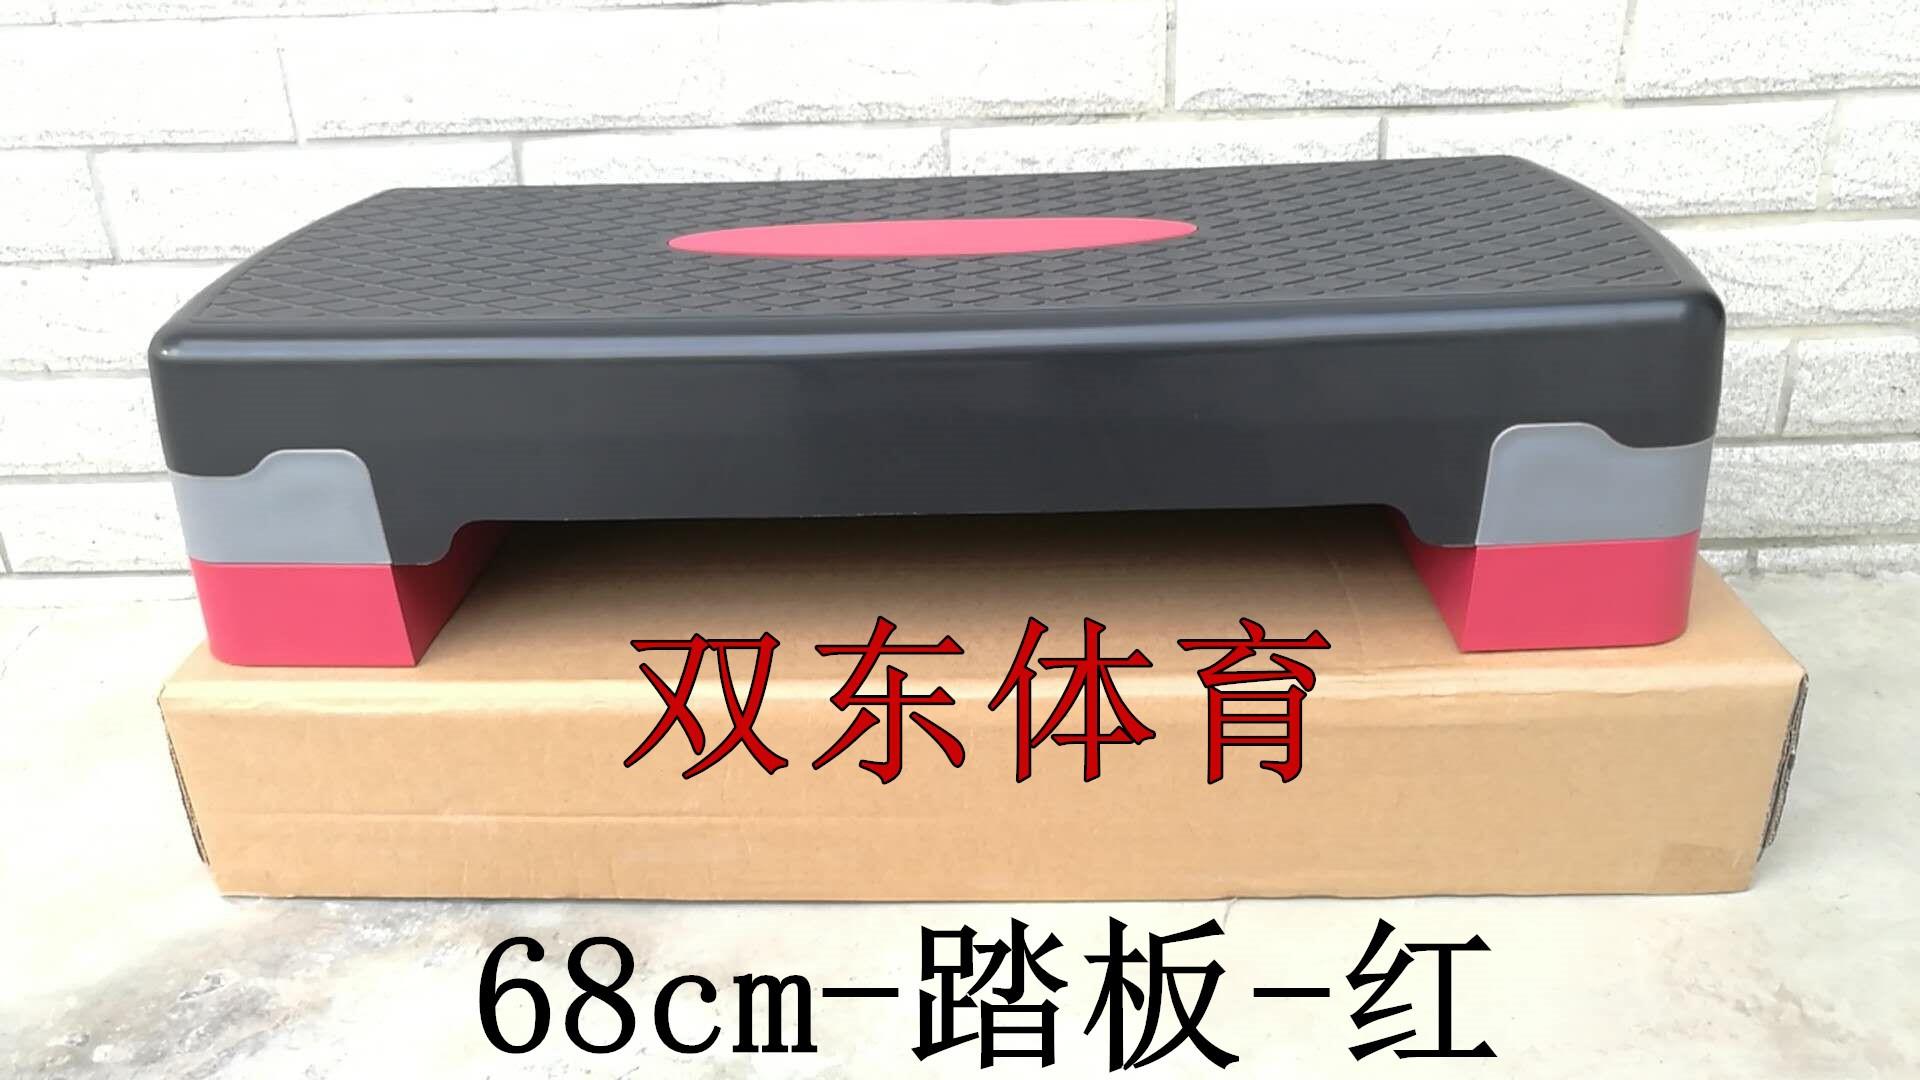 bục tập aerobic dậm nhảy điều chỉnh 2 mức màu đỏ đen